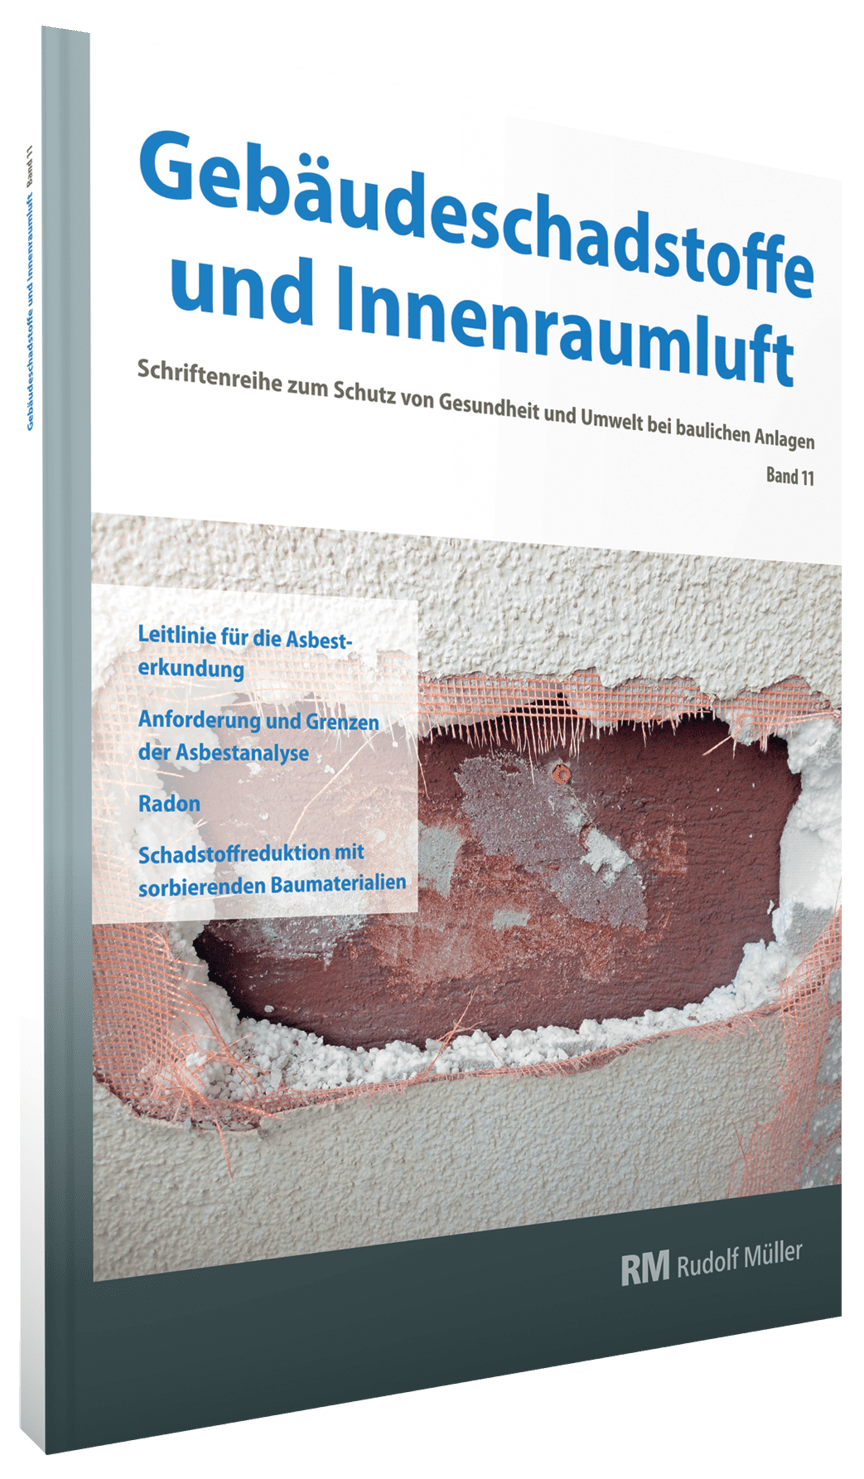 Gebäudeschadstoffe und Innenraumluft, Band 11 (3D/tif)